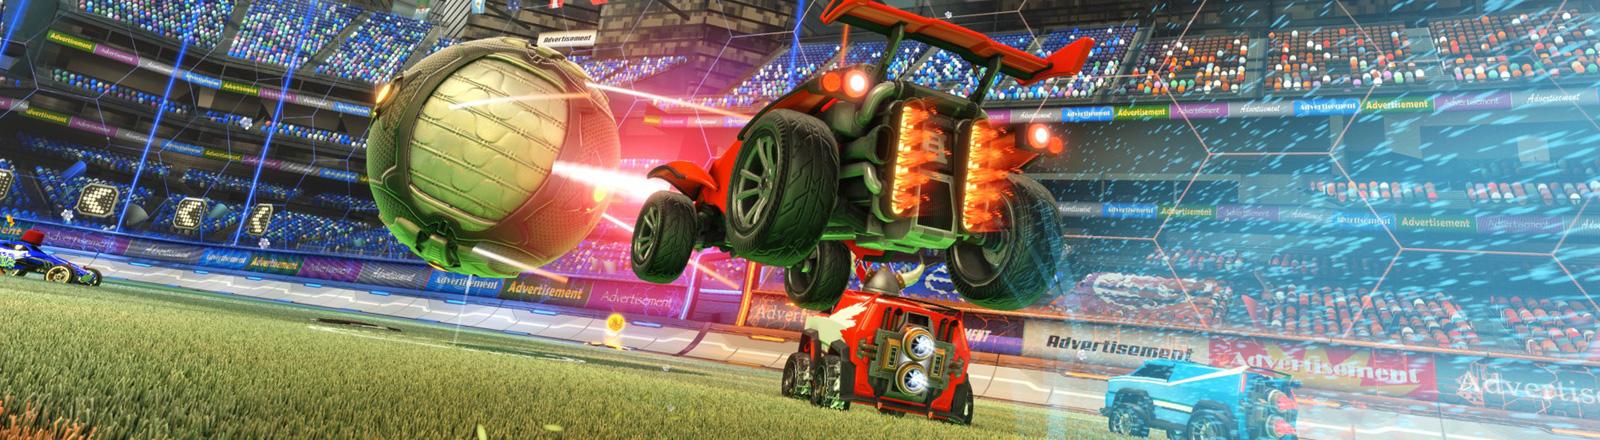 Eine Spielszene aus Rocket League: In einem Fußballstadion rasen drei Autos auf einen übergroßen Ball zu.